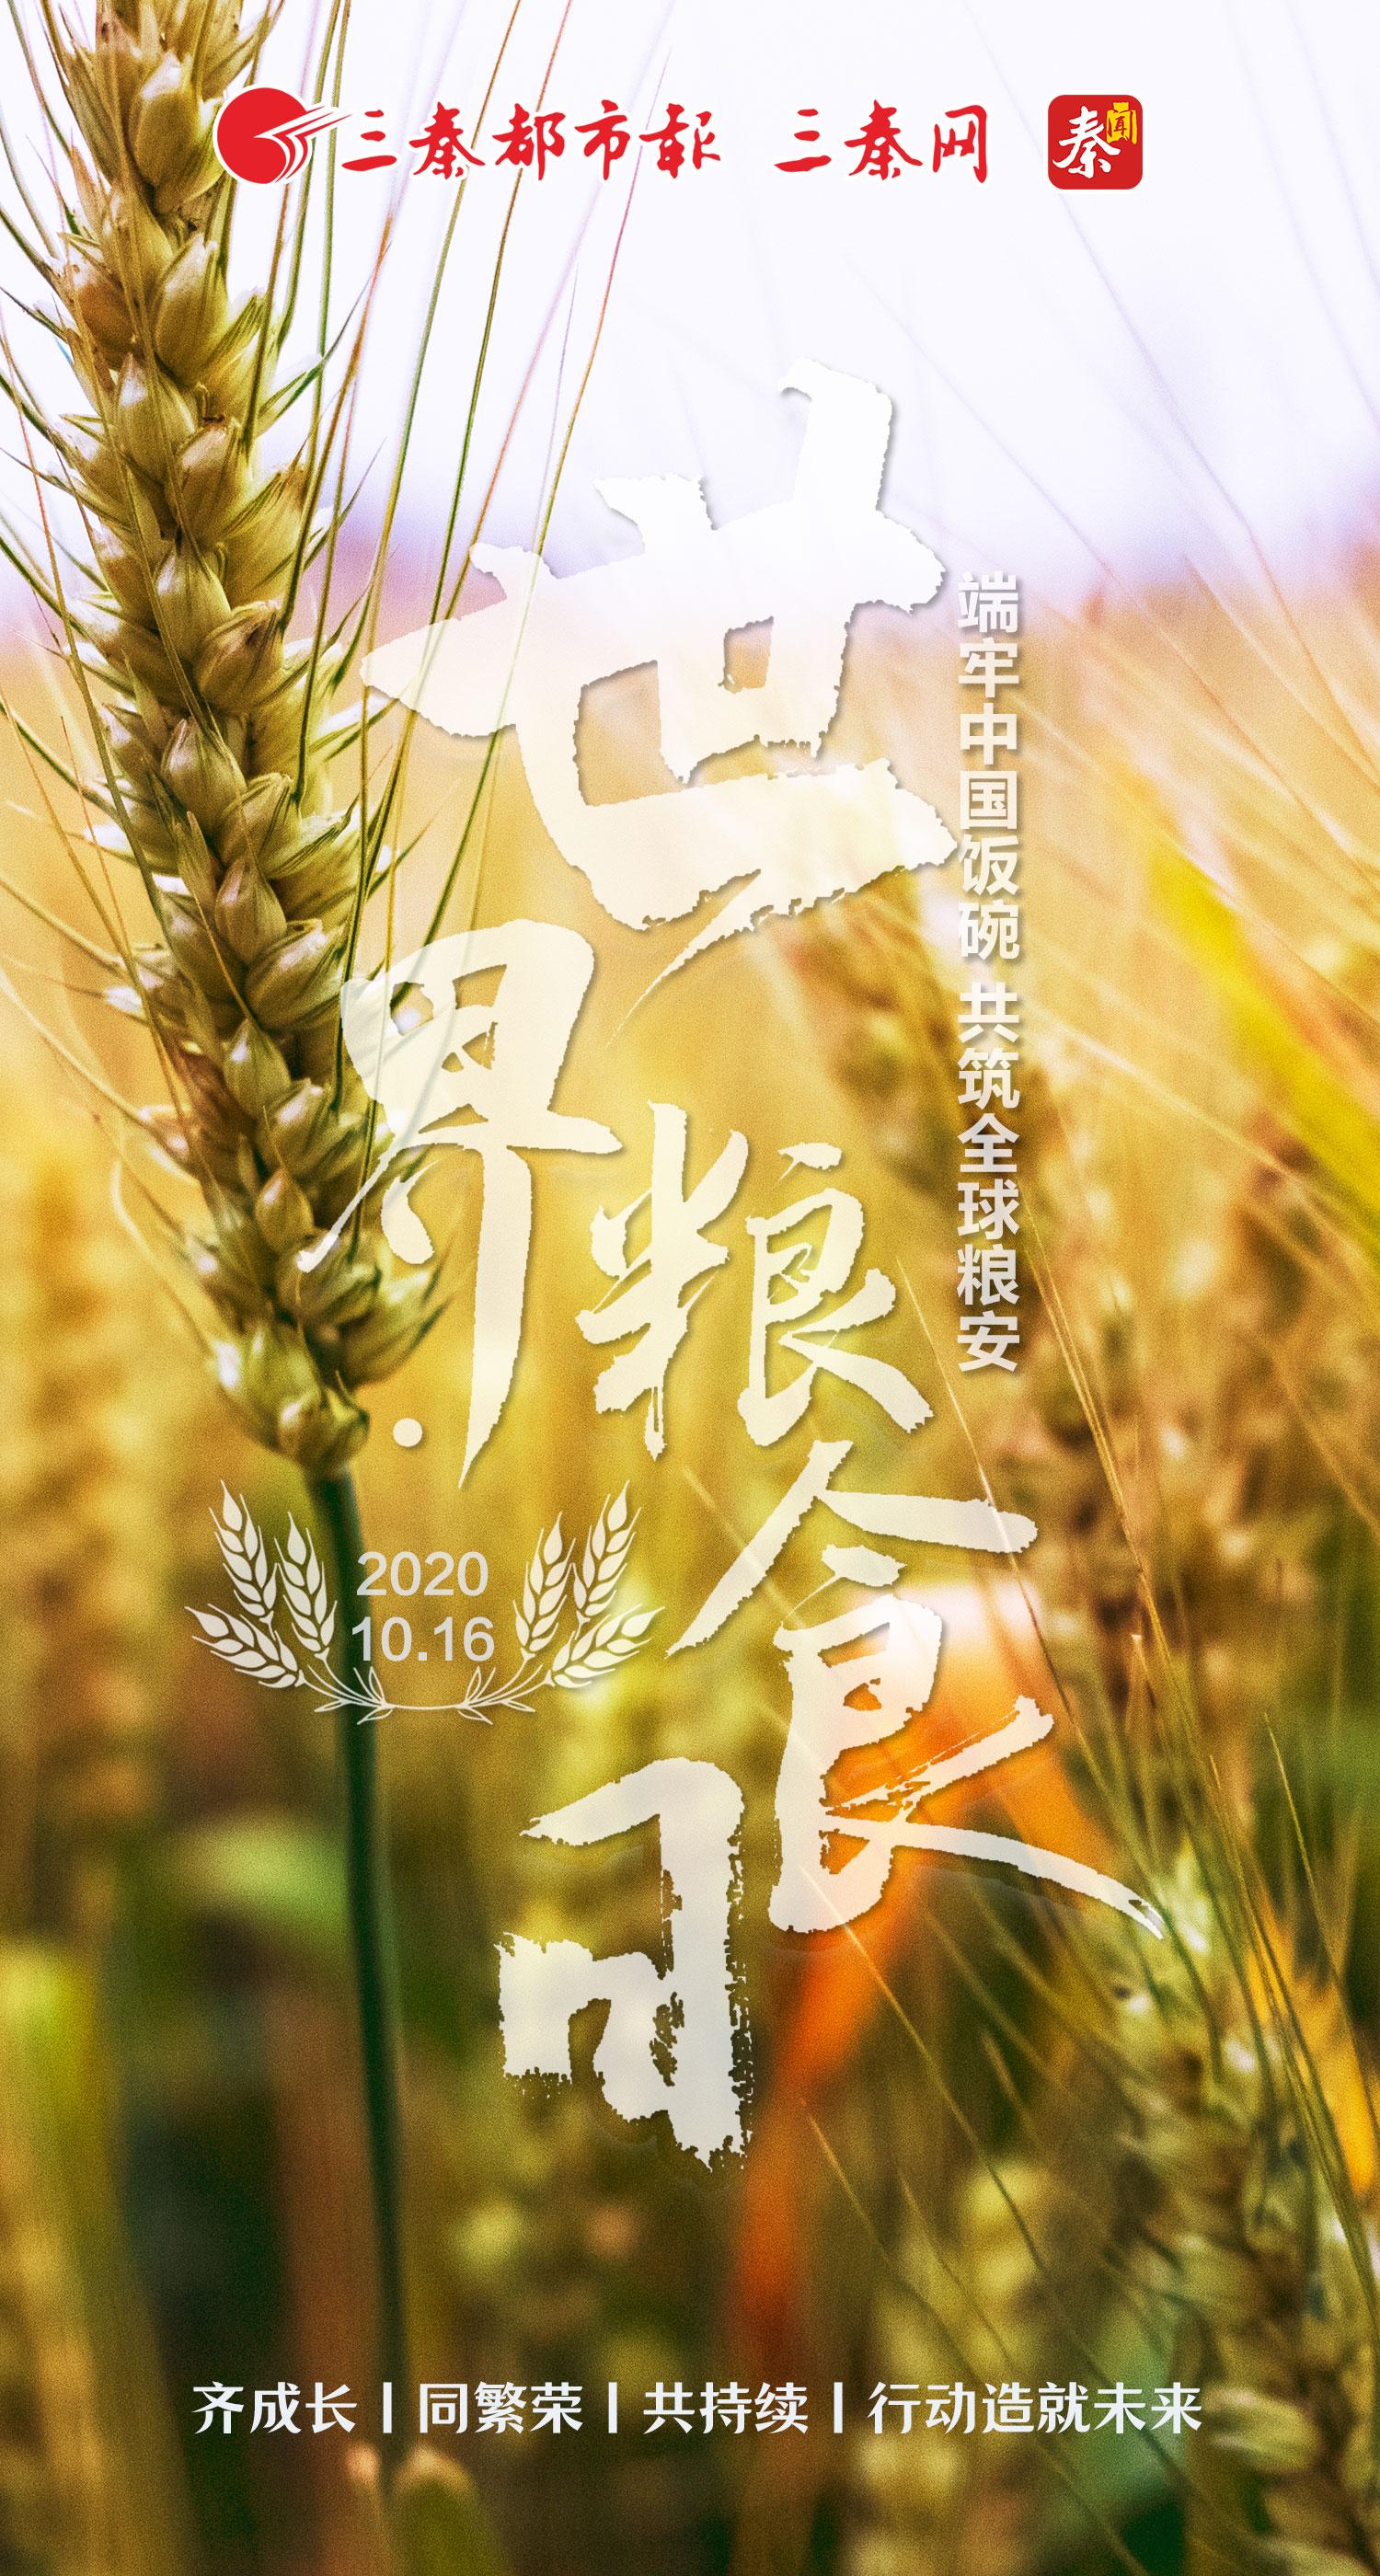 世界糧食日